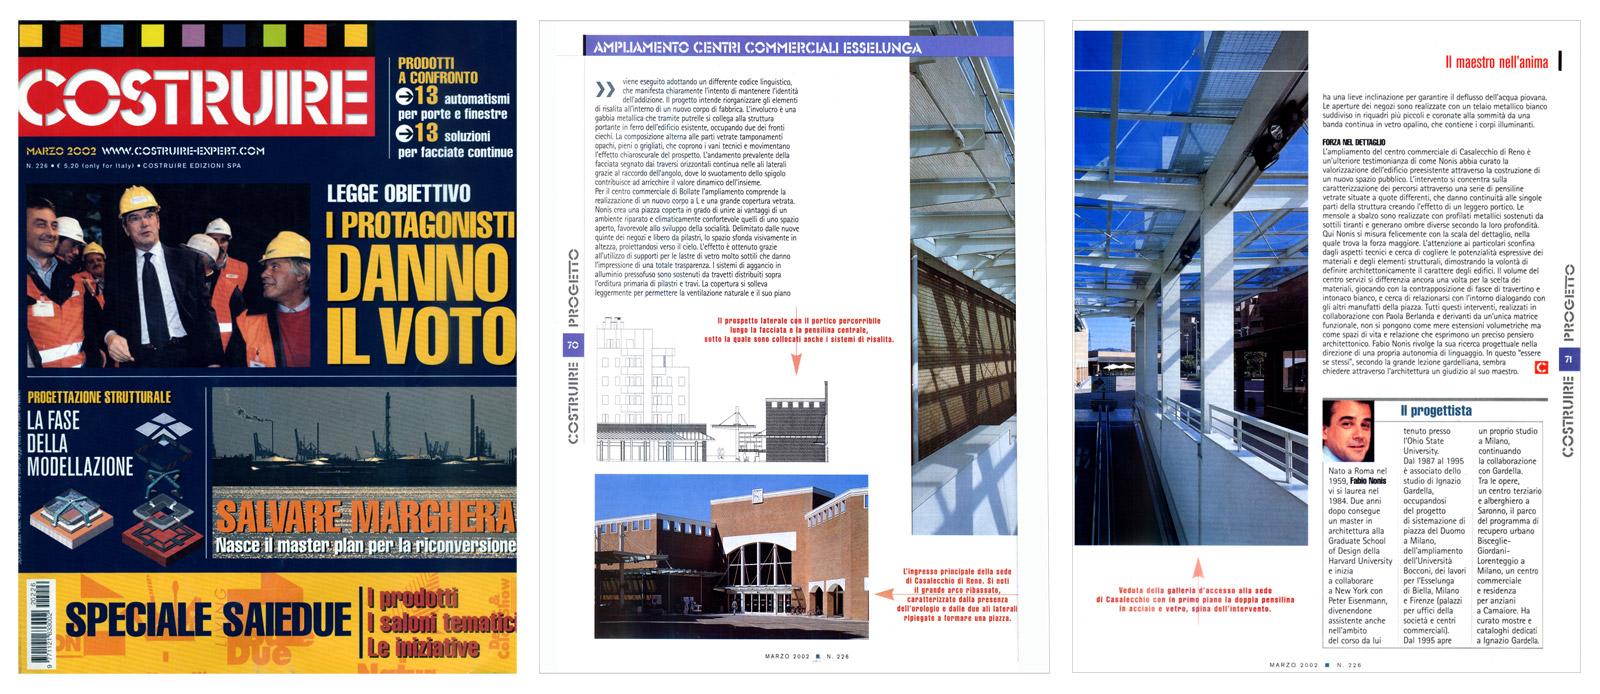 Costruire n°226, marzo 2002, pagg.da 66 a 71